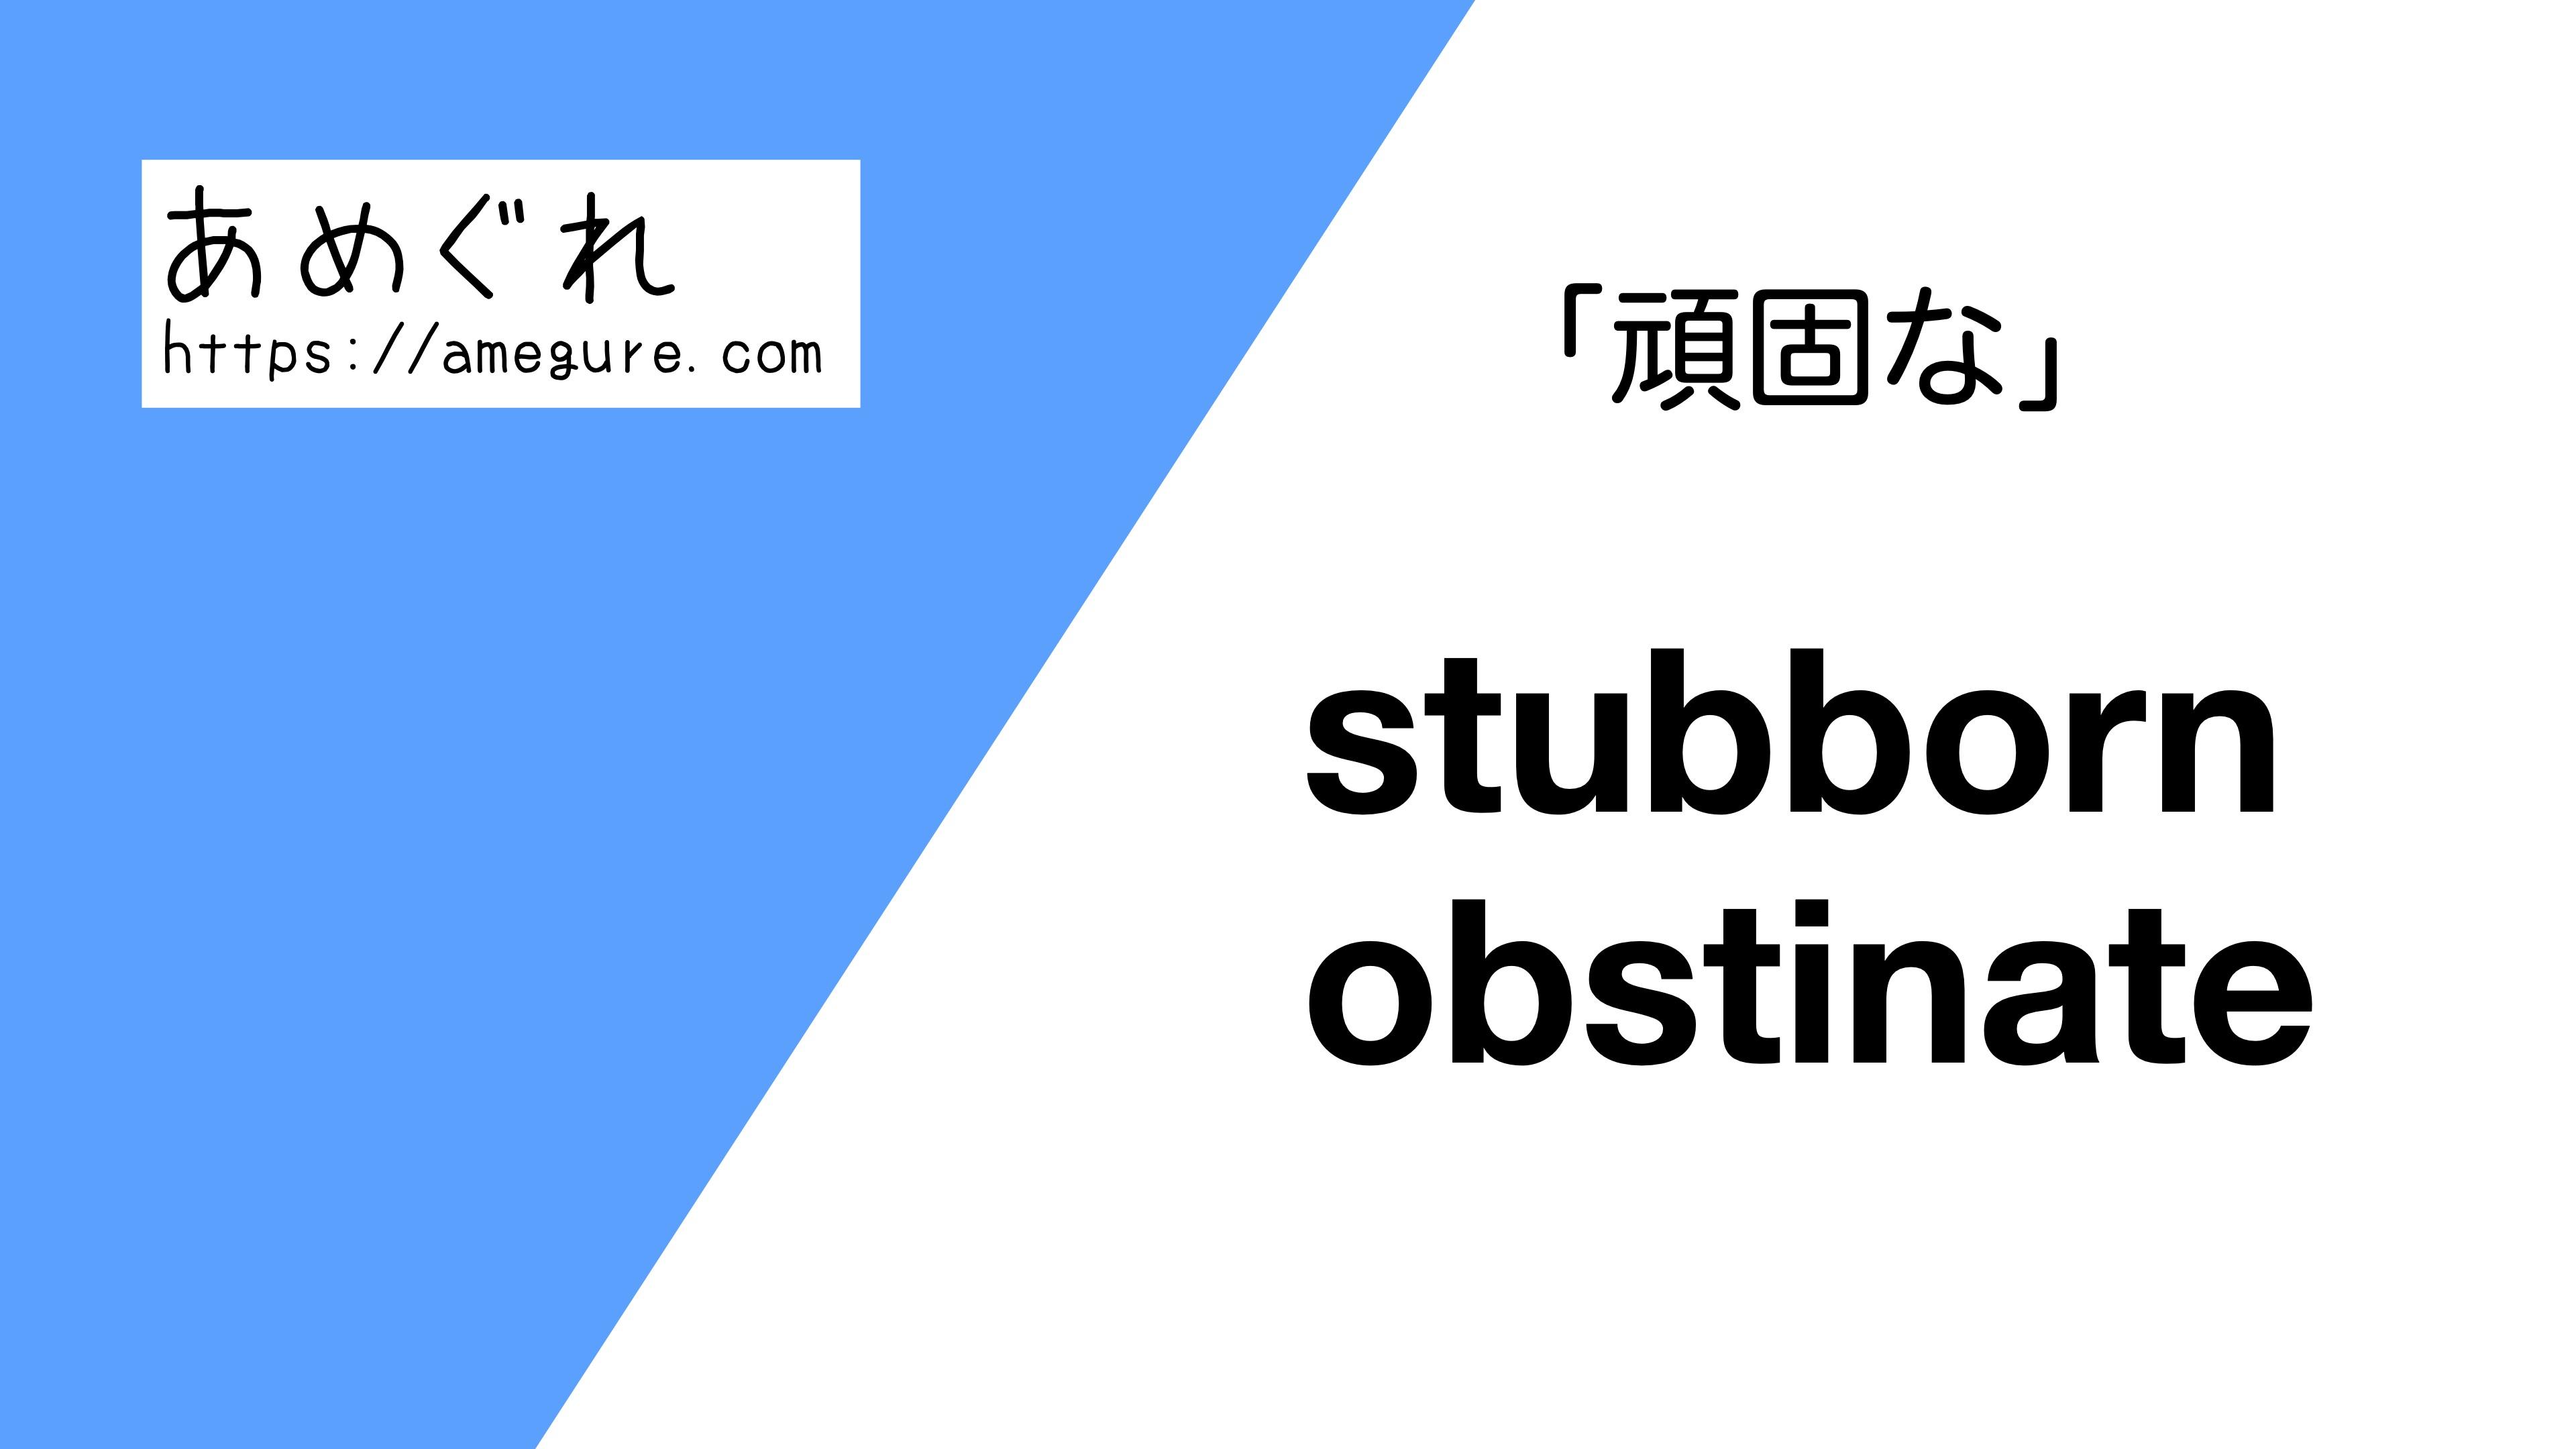 stubborn-obstinate違い